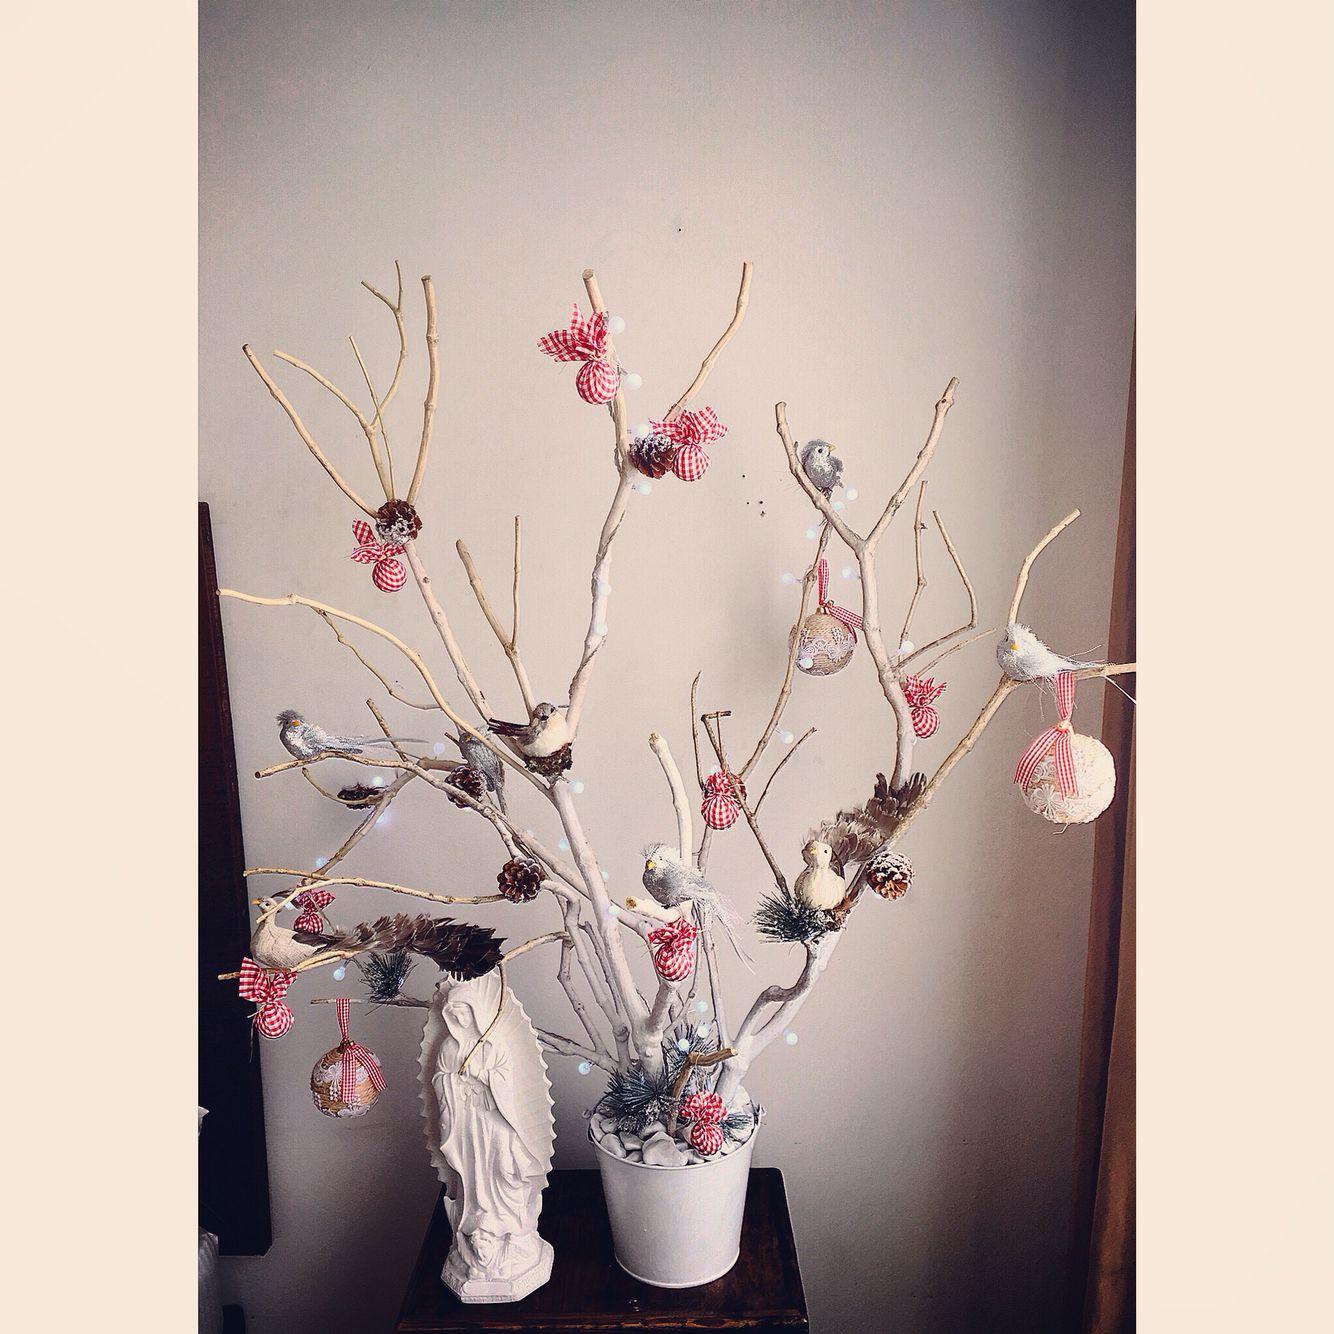 Rbol de navidad hecho con chamizos secos decorado con - Arbol de navidad decorado ...